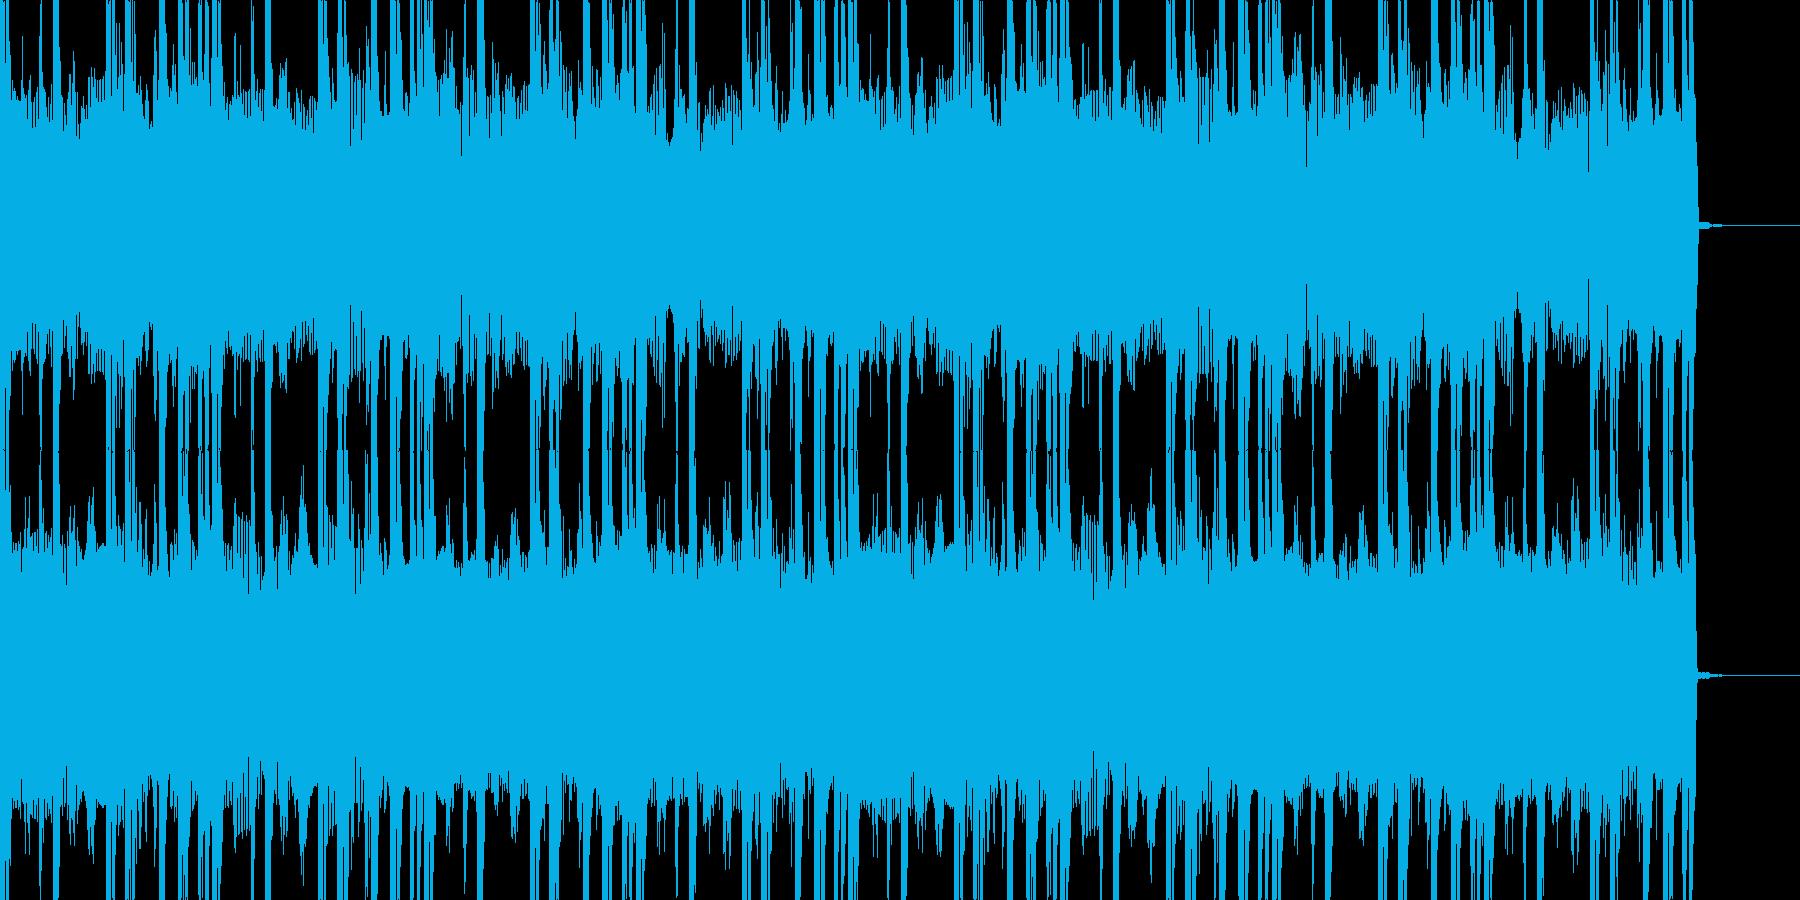 メタル風ギターのかっこいい30秒ジングルの再生済みの波形